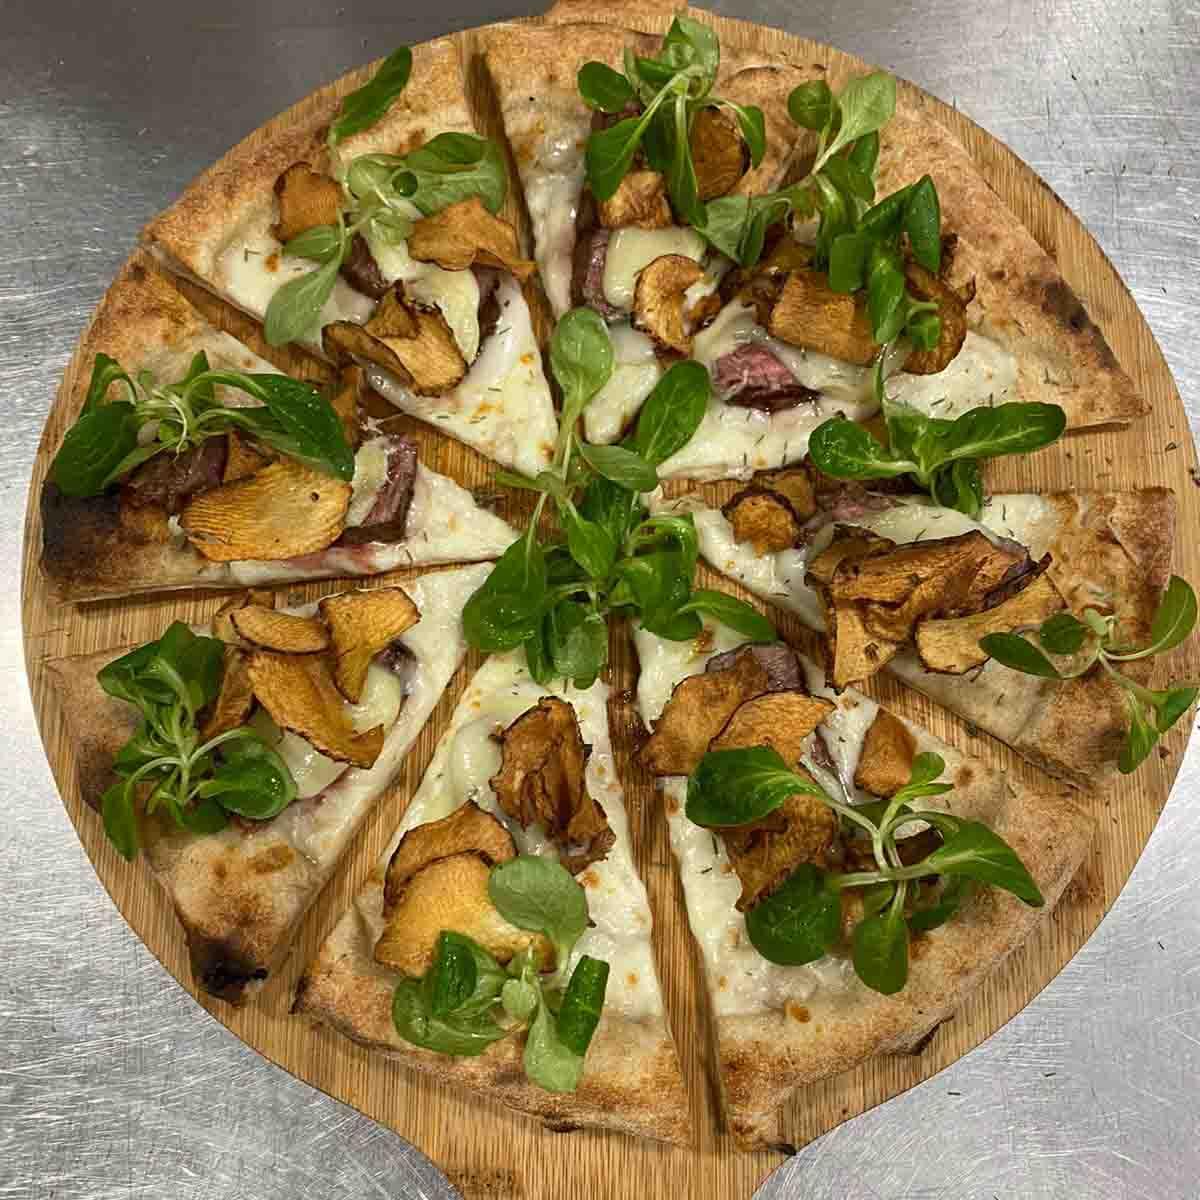 pizza con la carne chateaubriand Maglione Bifulco